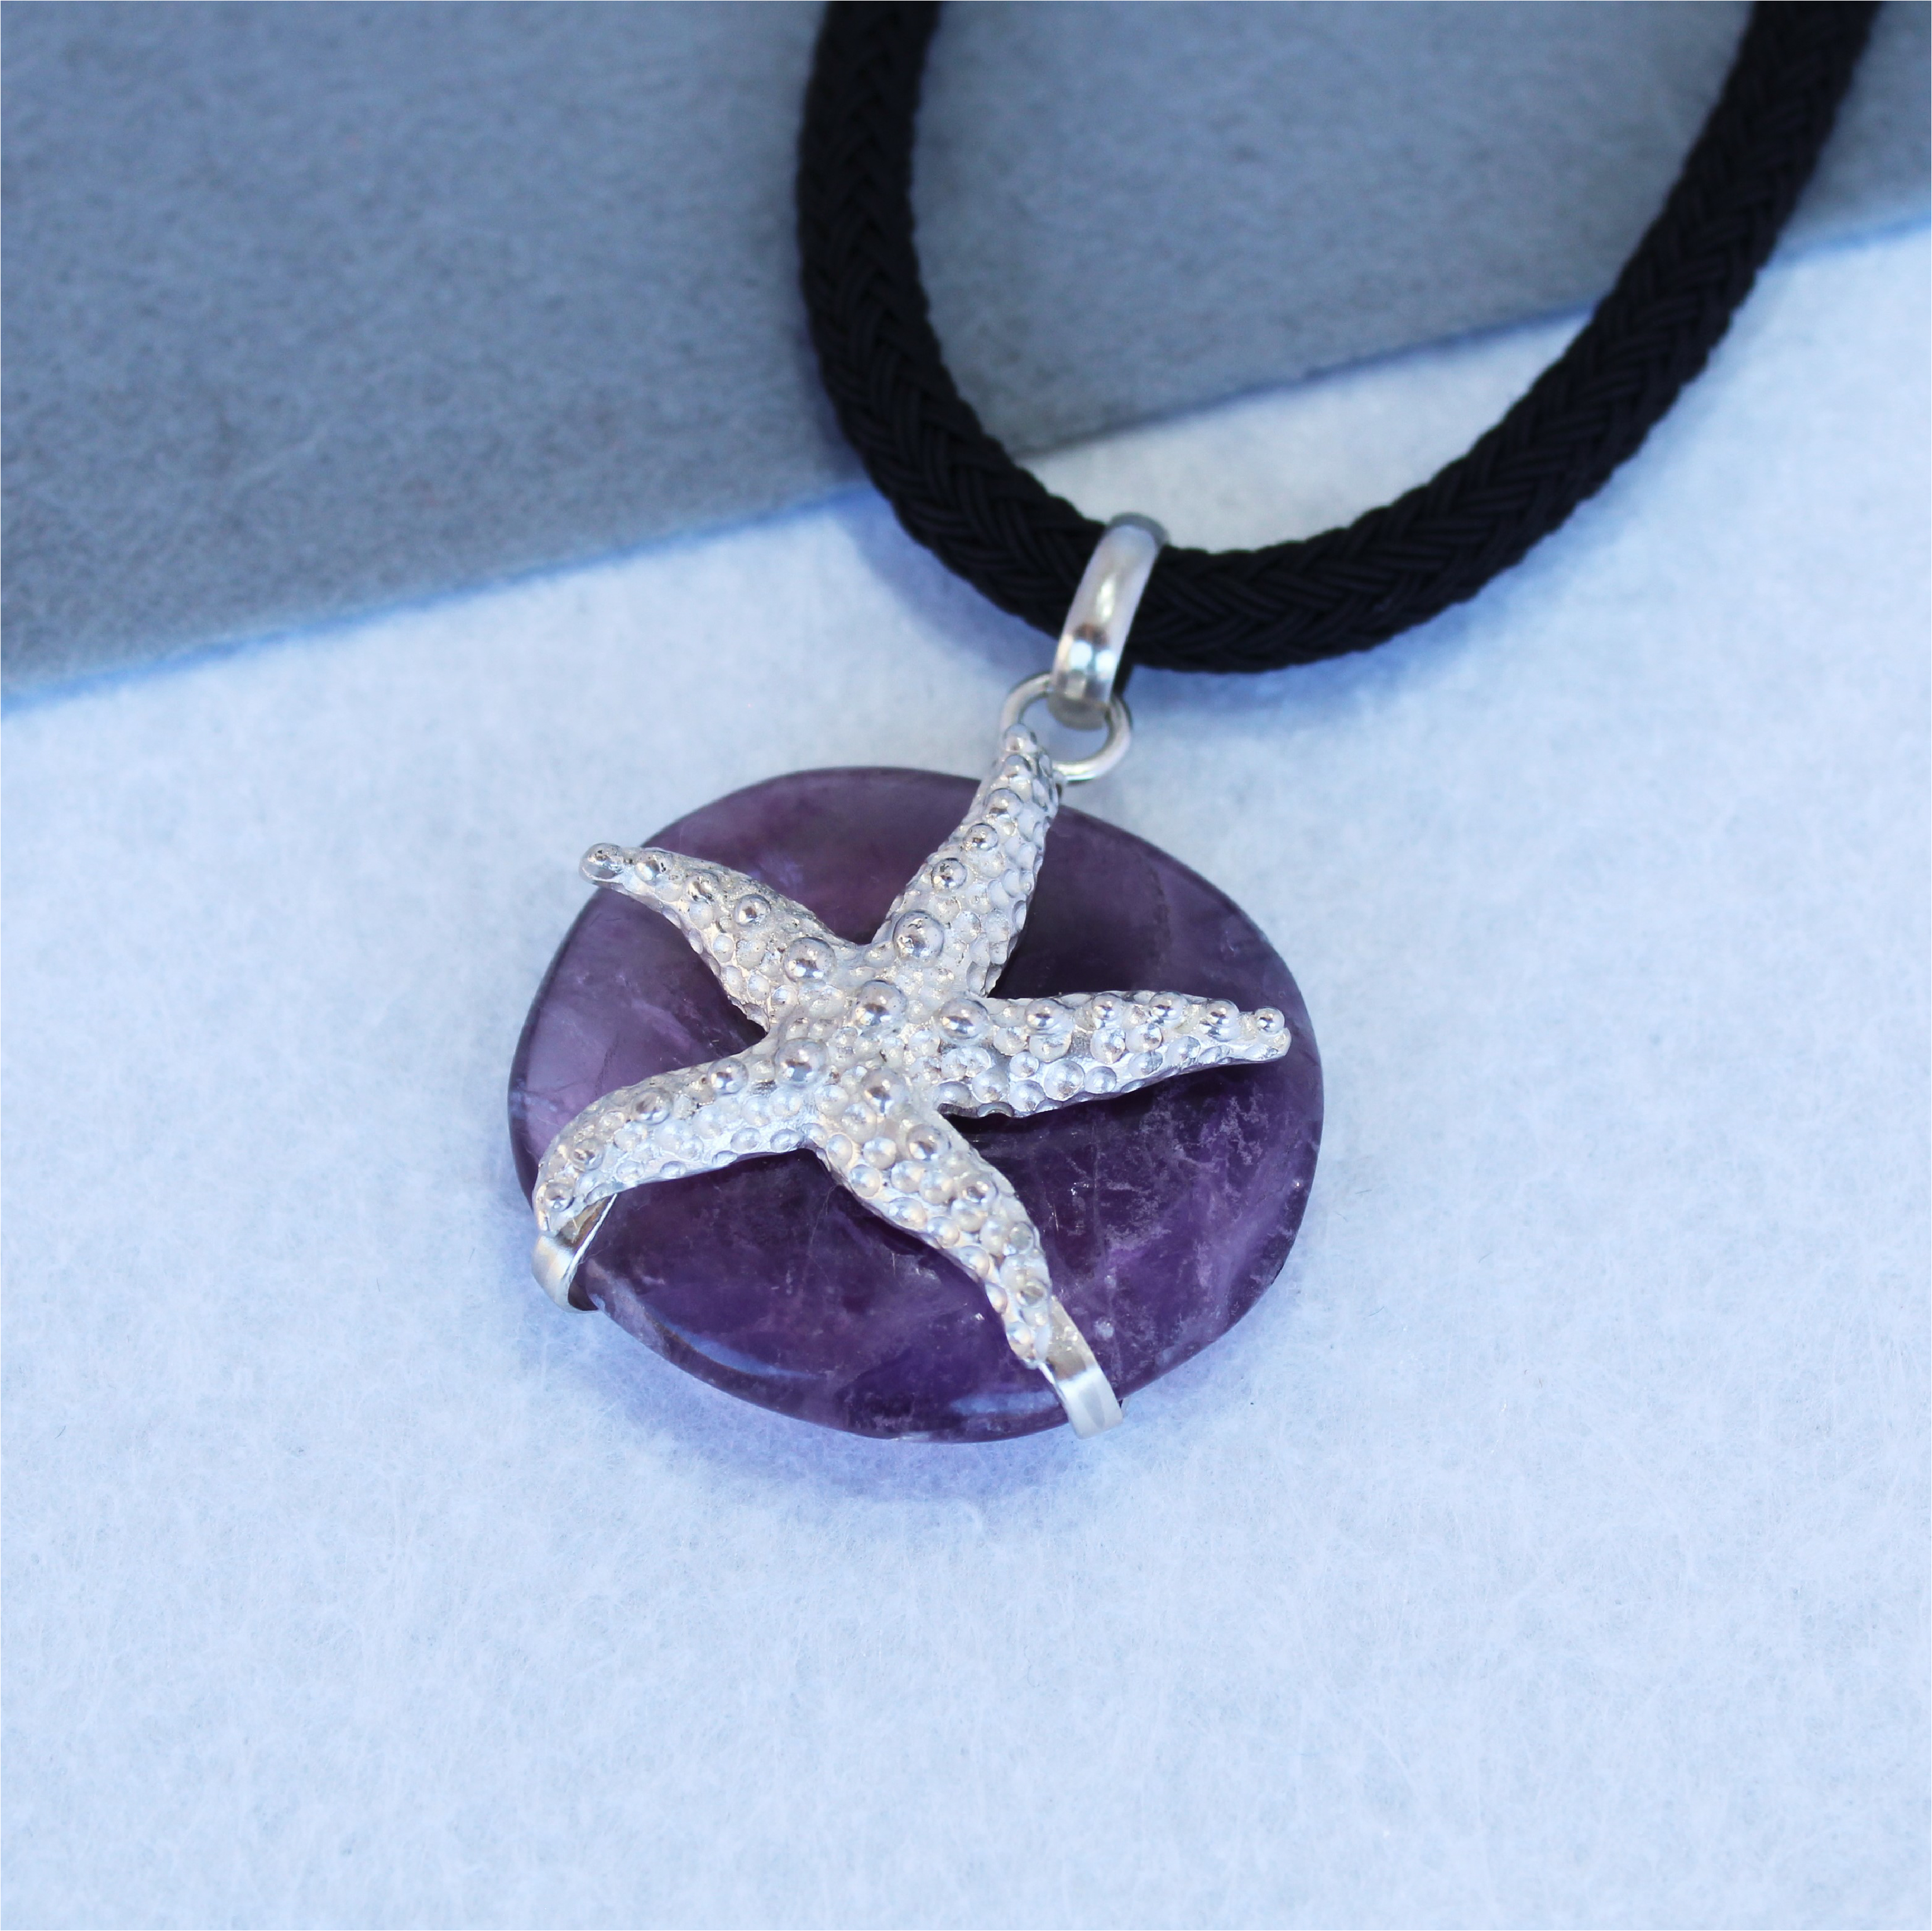 Colgante en plata de ley 925 con estrella de mar y amatista. Diseño exclusivo de Quela